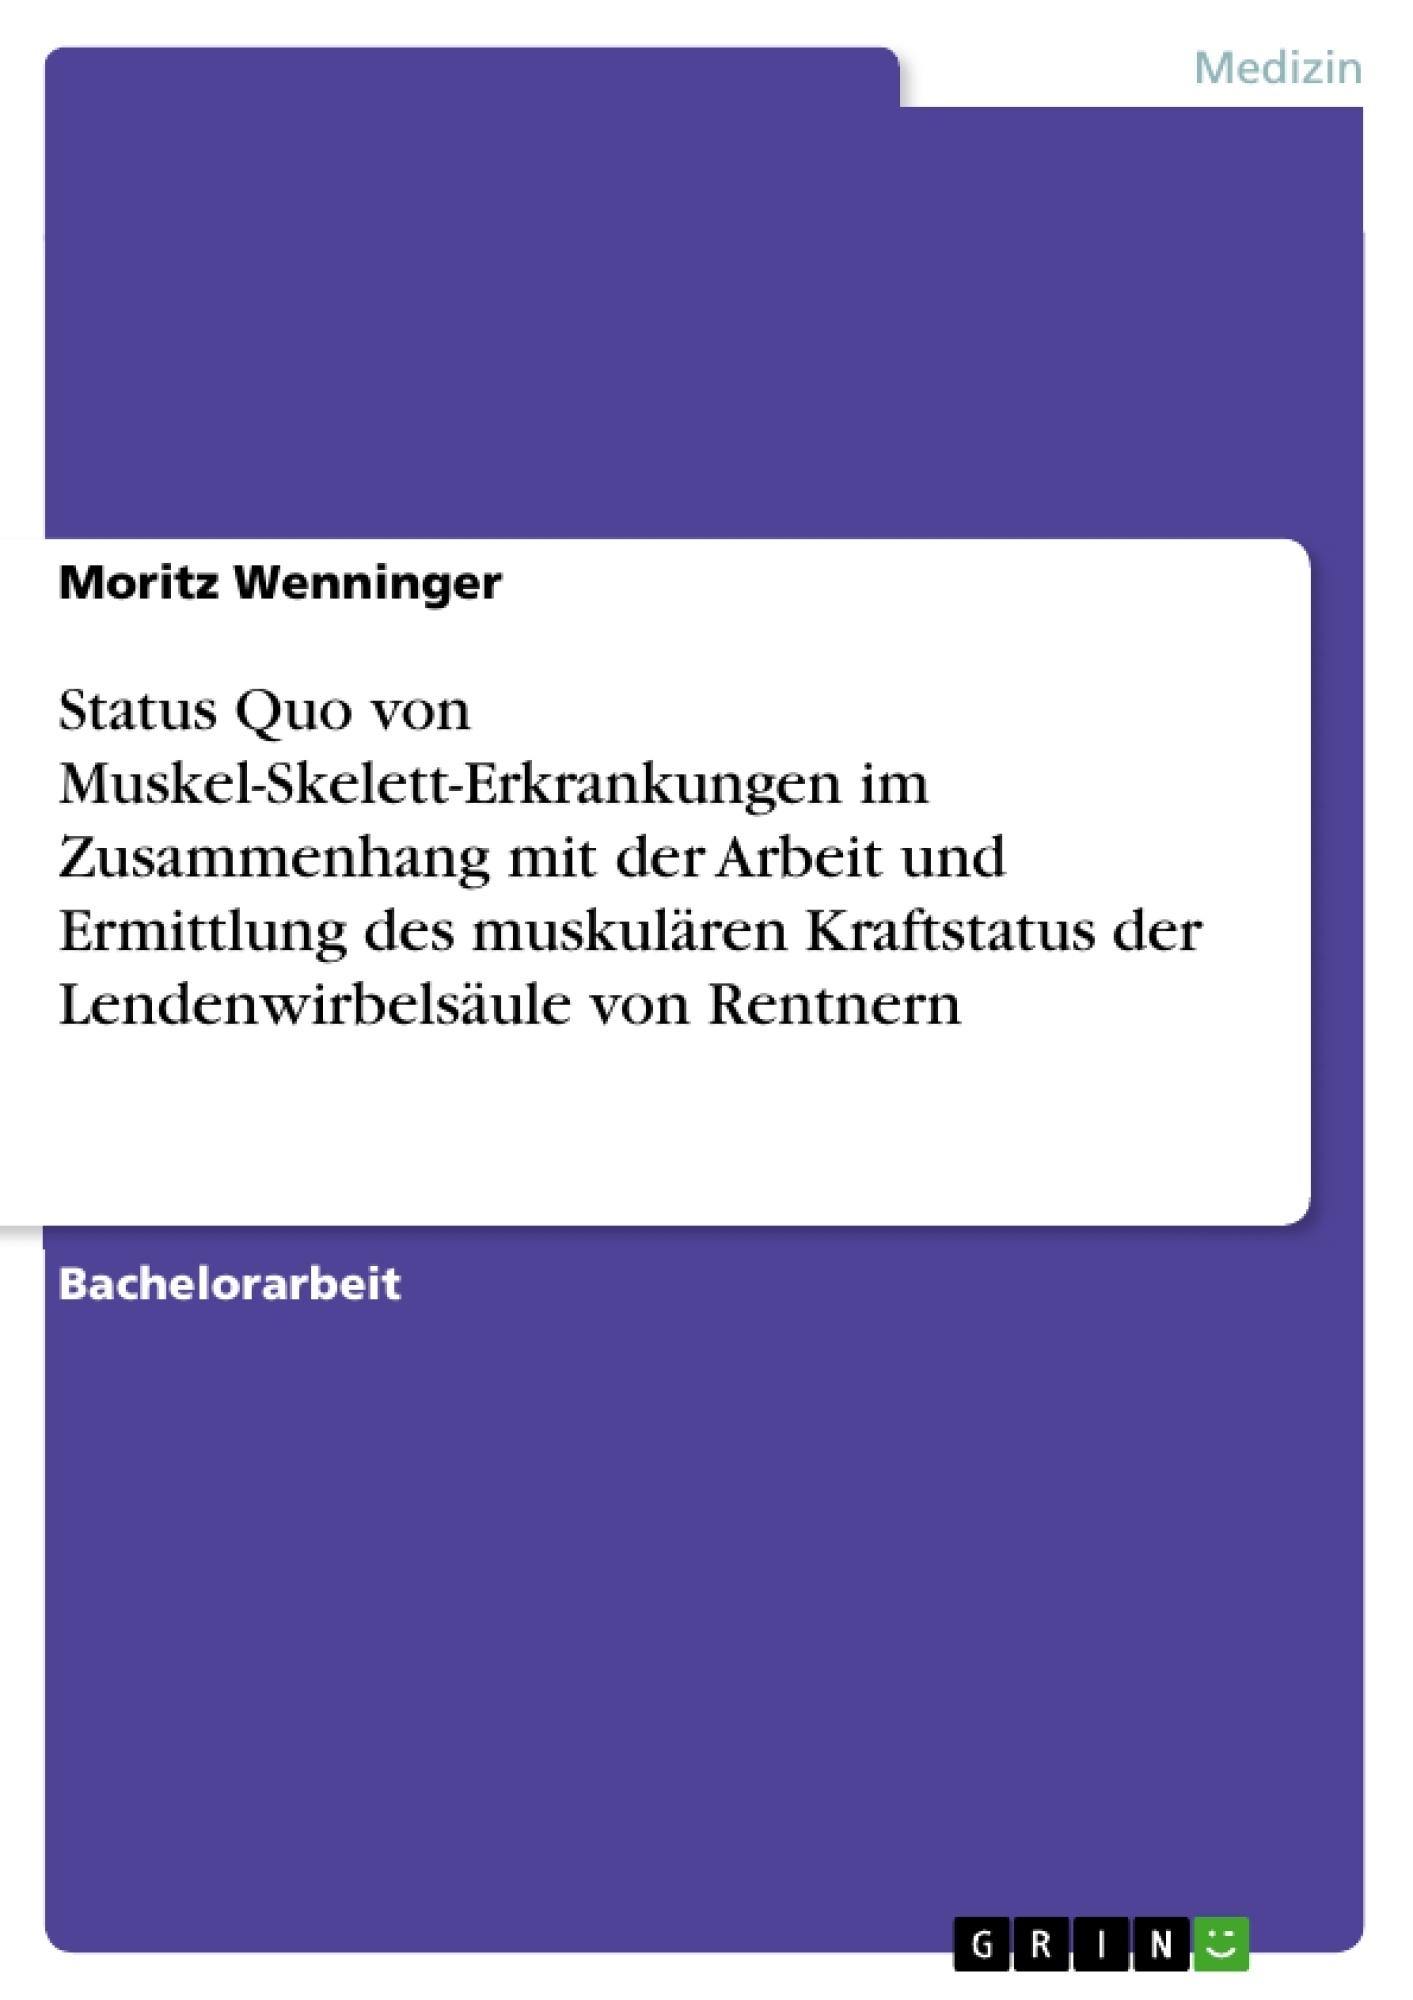 Titel: Status Quo von Muskel-Skelett-Erkrankungen im Zusammenhang mit der Arbeit und Ermittlung des muskulären Kraftstatus der Lendenwirbelsäule von Rentnern